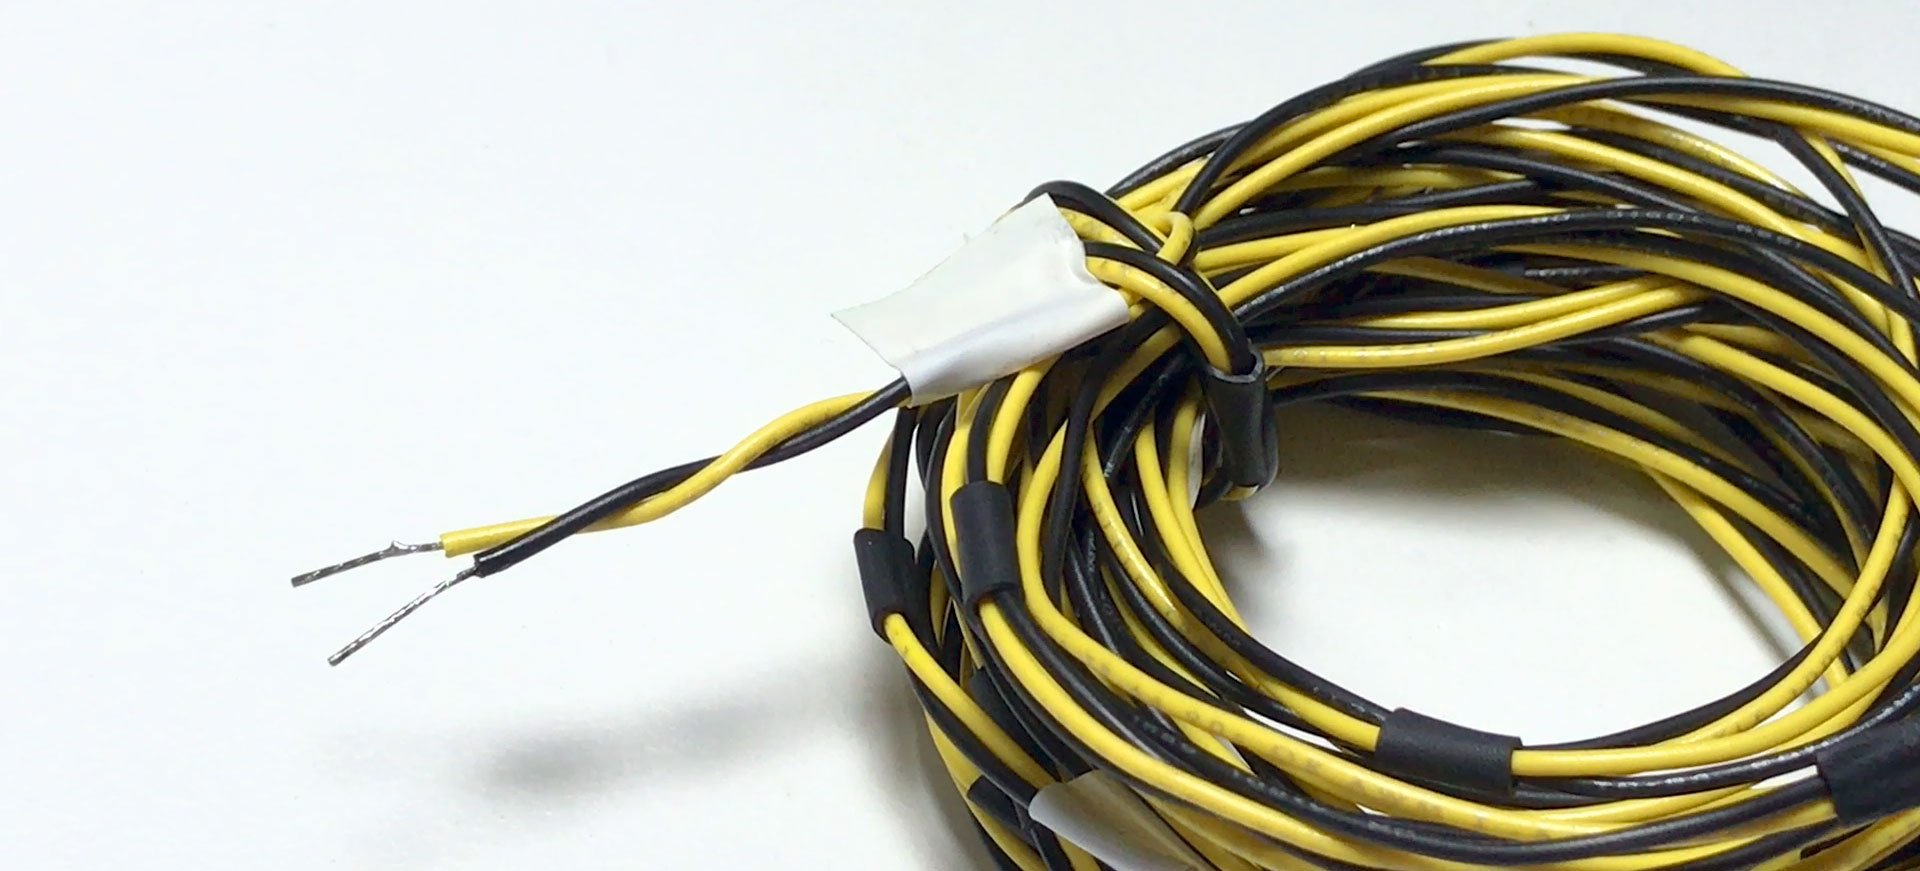 led_strips_wire-roll-2-crop.jpg